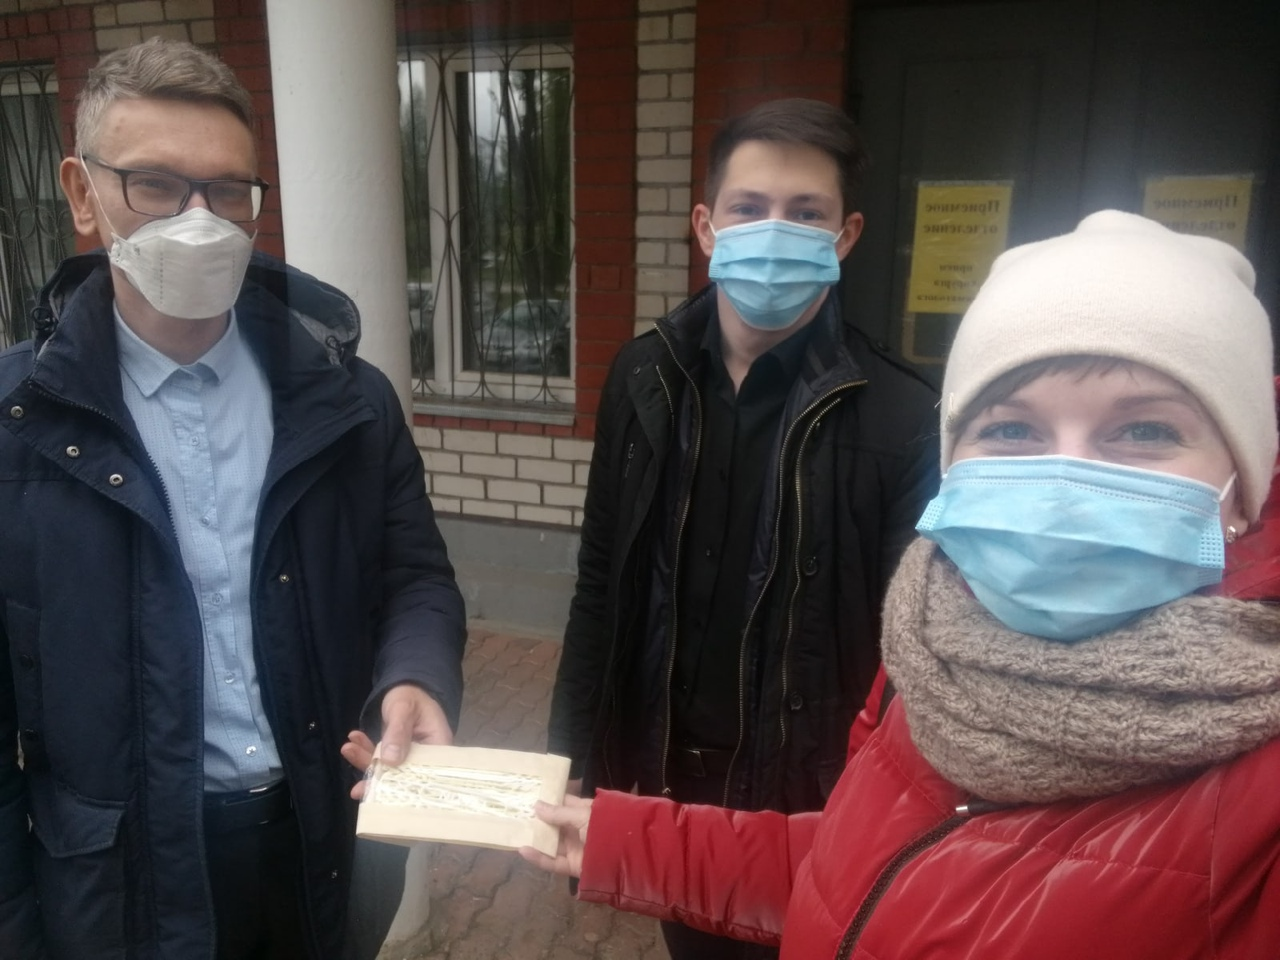 Тверской кванторианец сделал на 3D-принтере «заколки» для медицинских масок